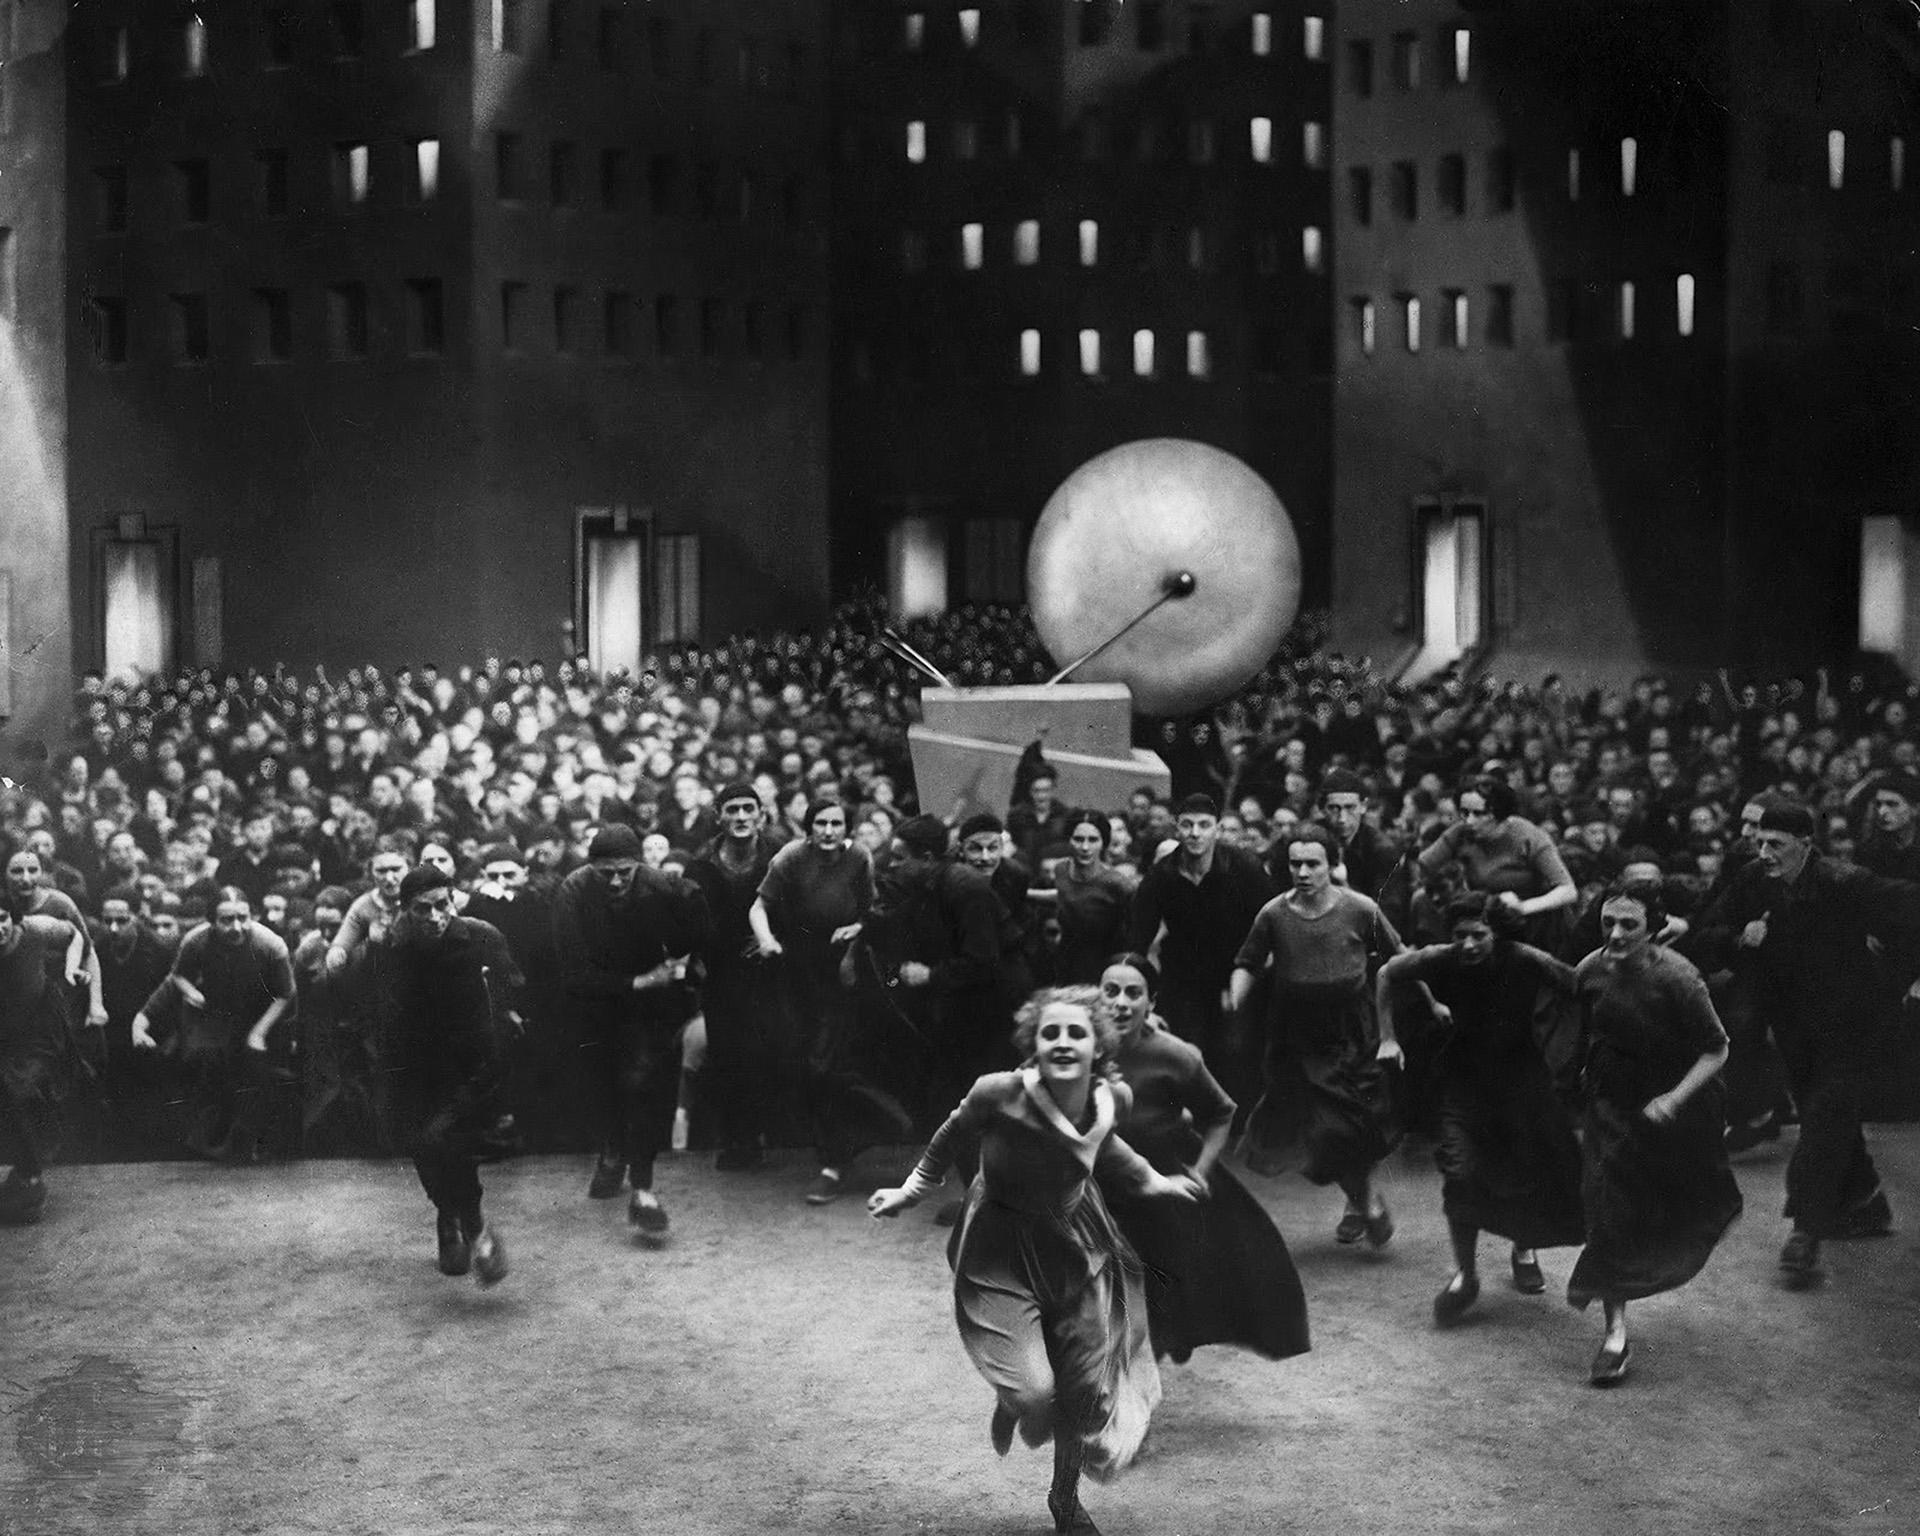 モノクロサイレント映画 『メトロポリス』 (1927年、監督:フリッツ・ラング)より